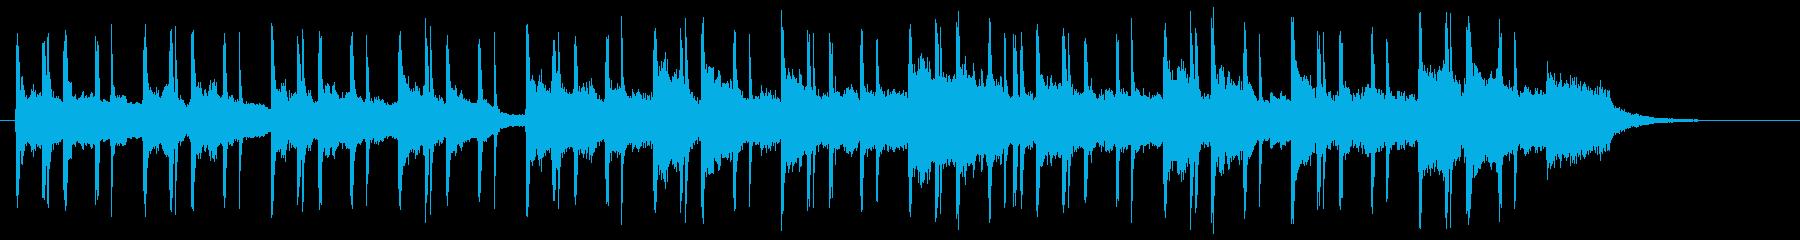 おしゃれ/透明感/ゆったり/R&B01Sの再生済みの波形